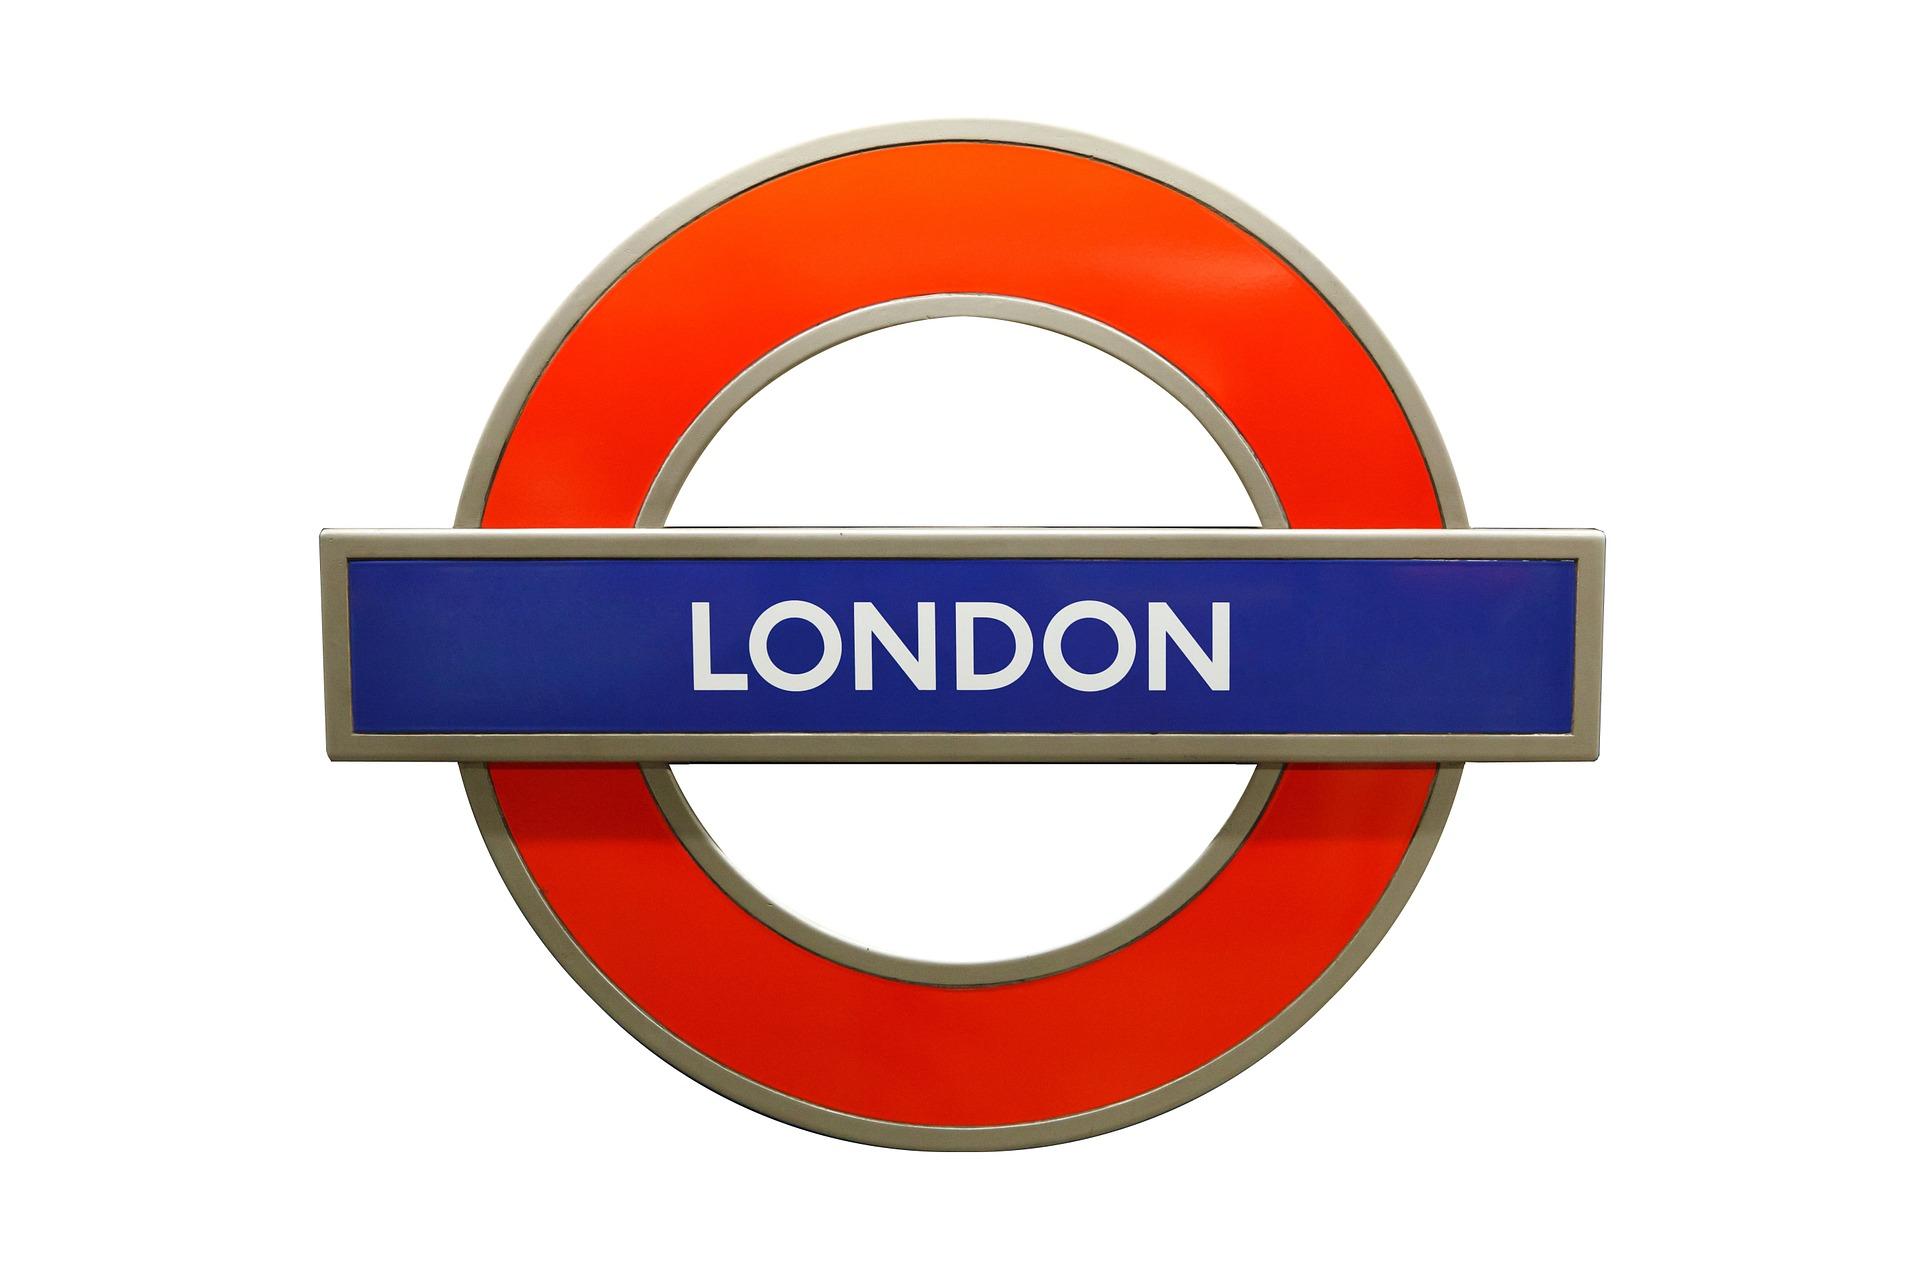 london-1026107_1920